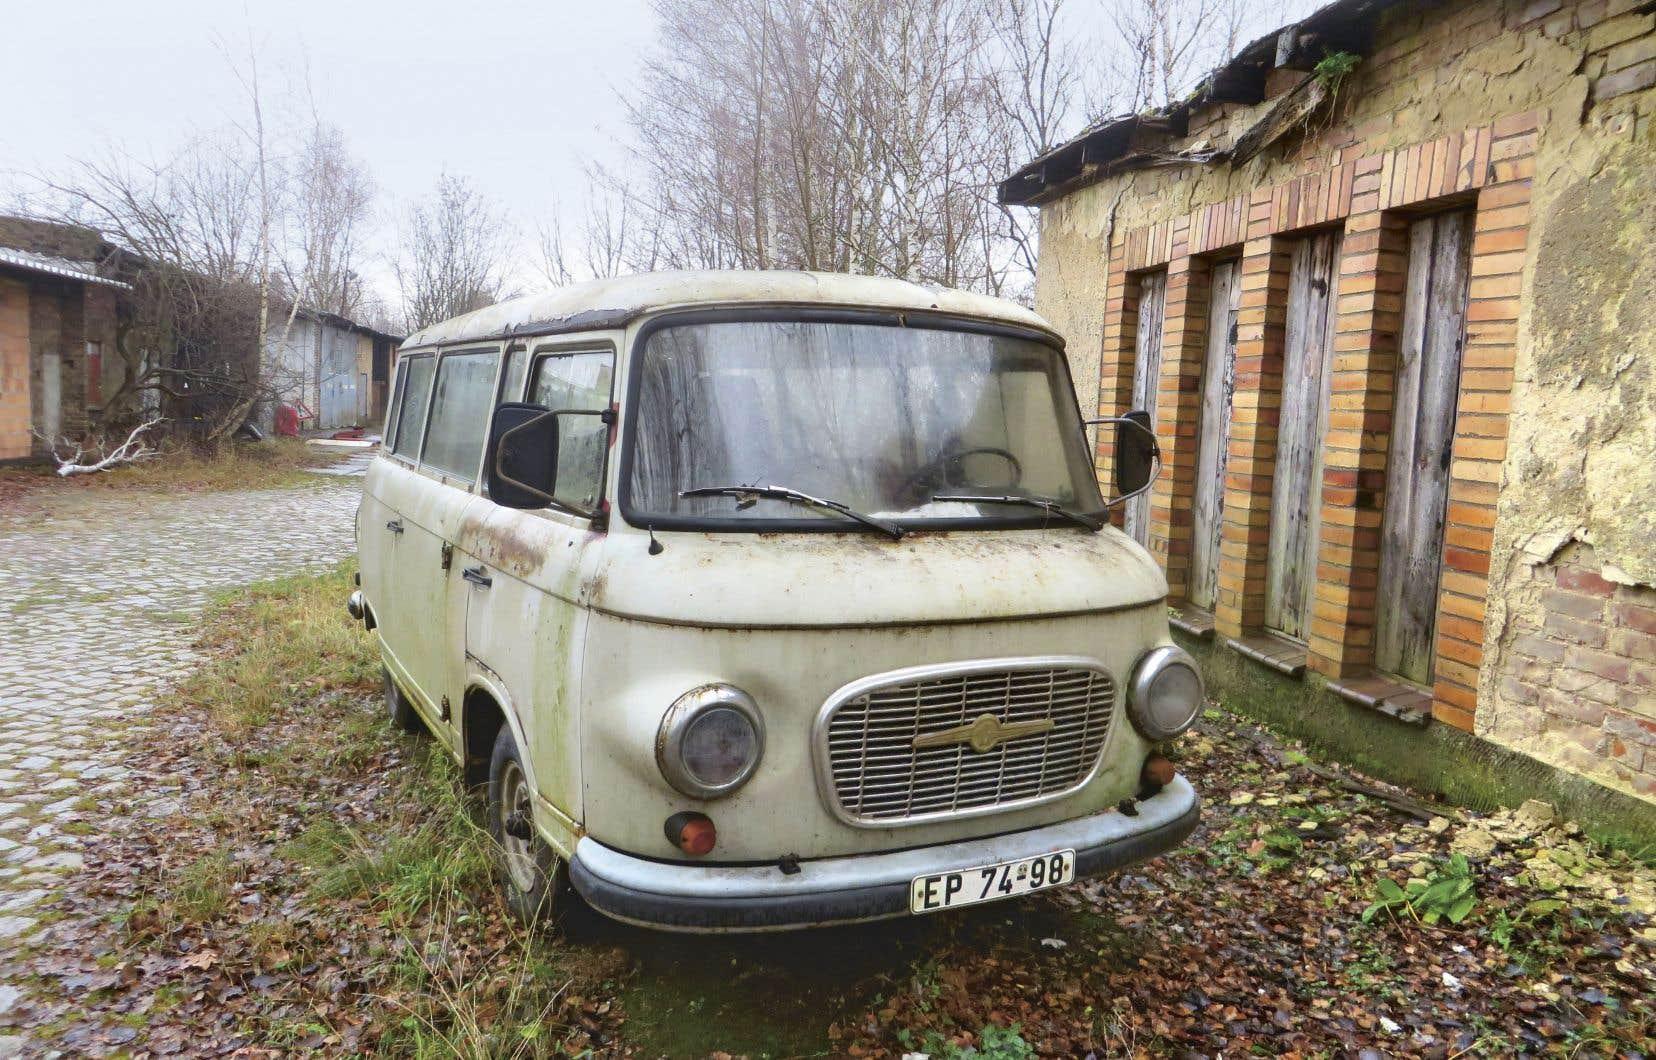 Minibus Barkas, sans doute abandonné, devant une ancienne menuiserie à Francfort-sur-l'Oder. La plaque d'immatriculation est encore celle de la RDA.